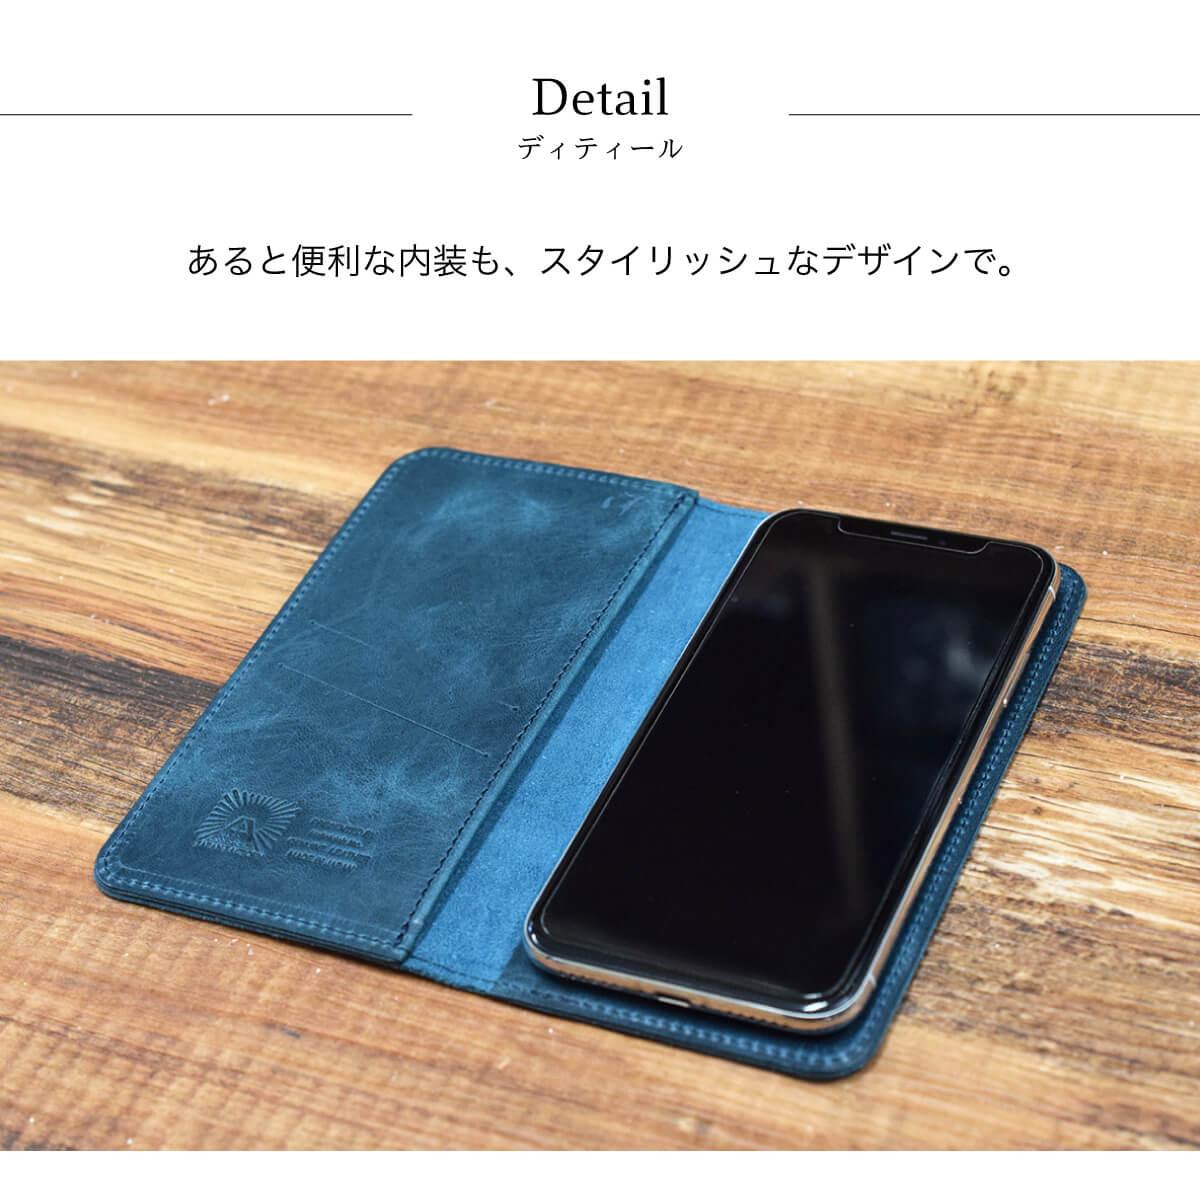 姫路産馬革 ブエブロレザー スマホケース iphone Android Camel【名入れ可】